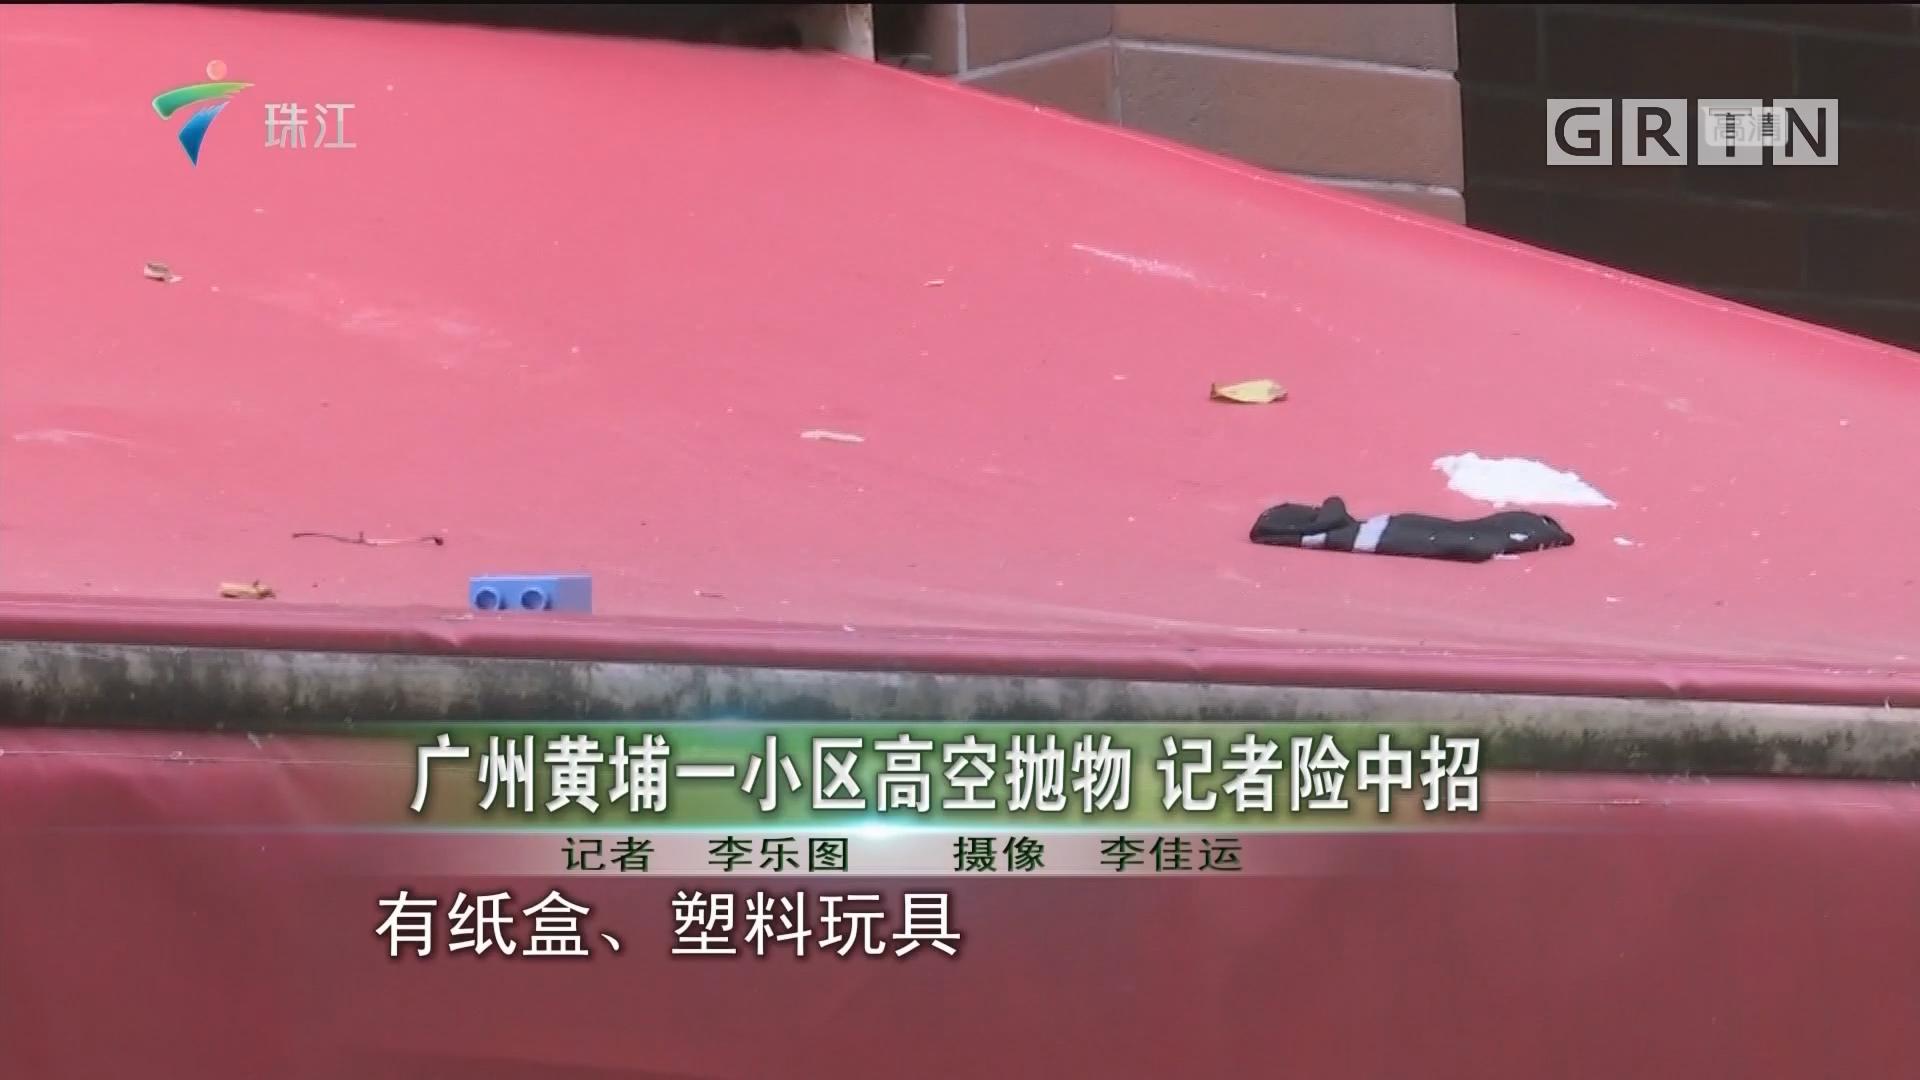 广州黄埔一小区高空抛物 记者险中招